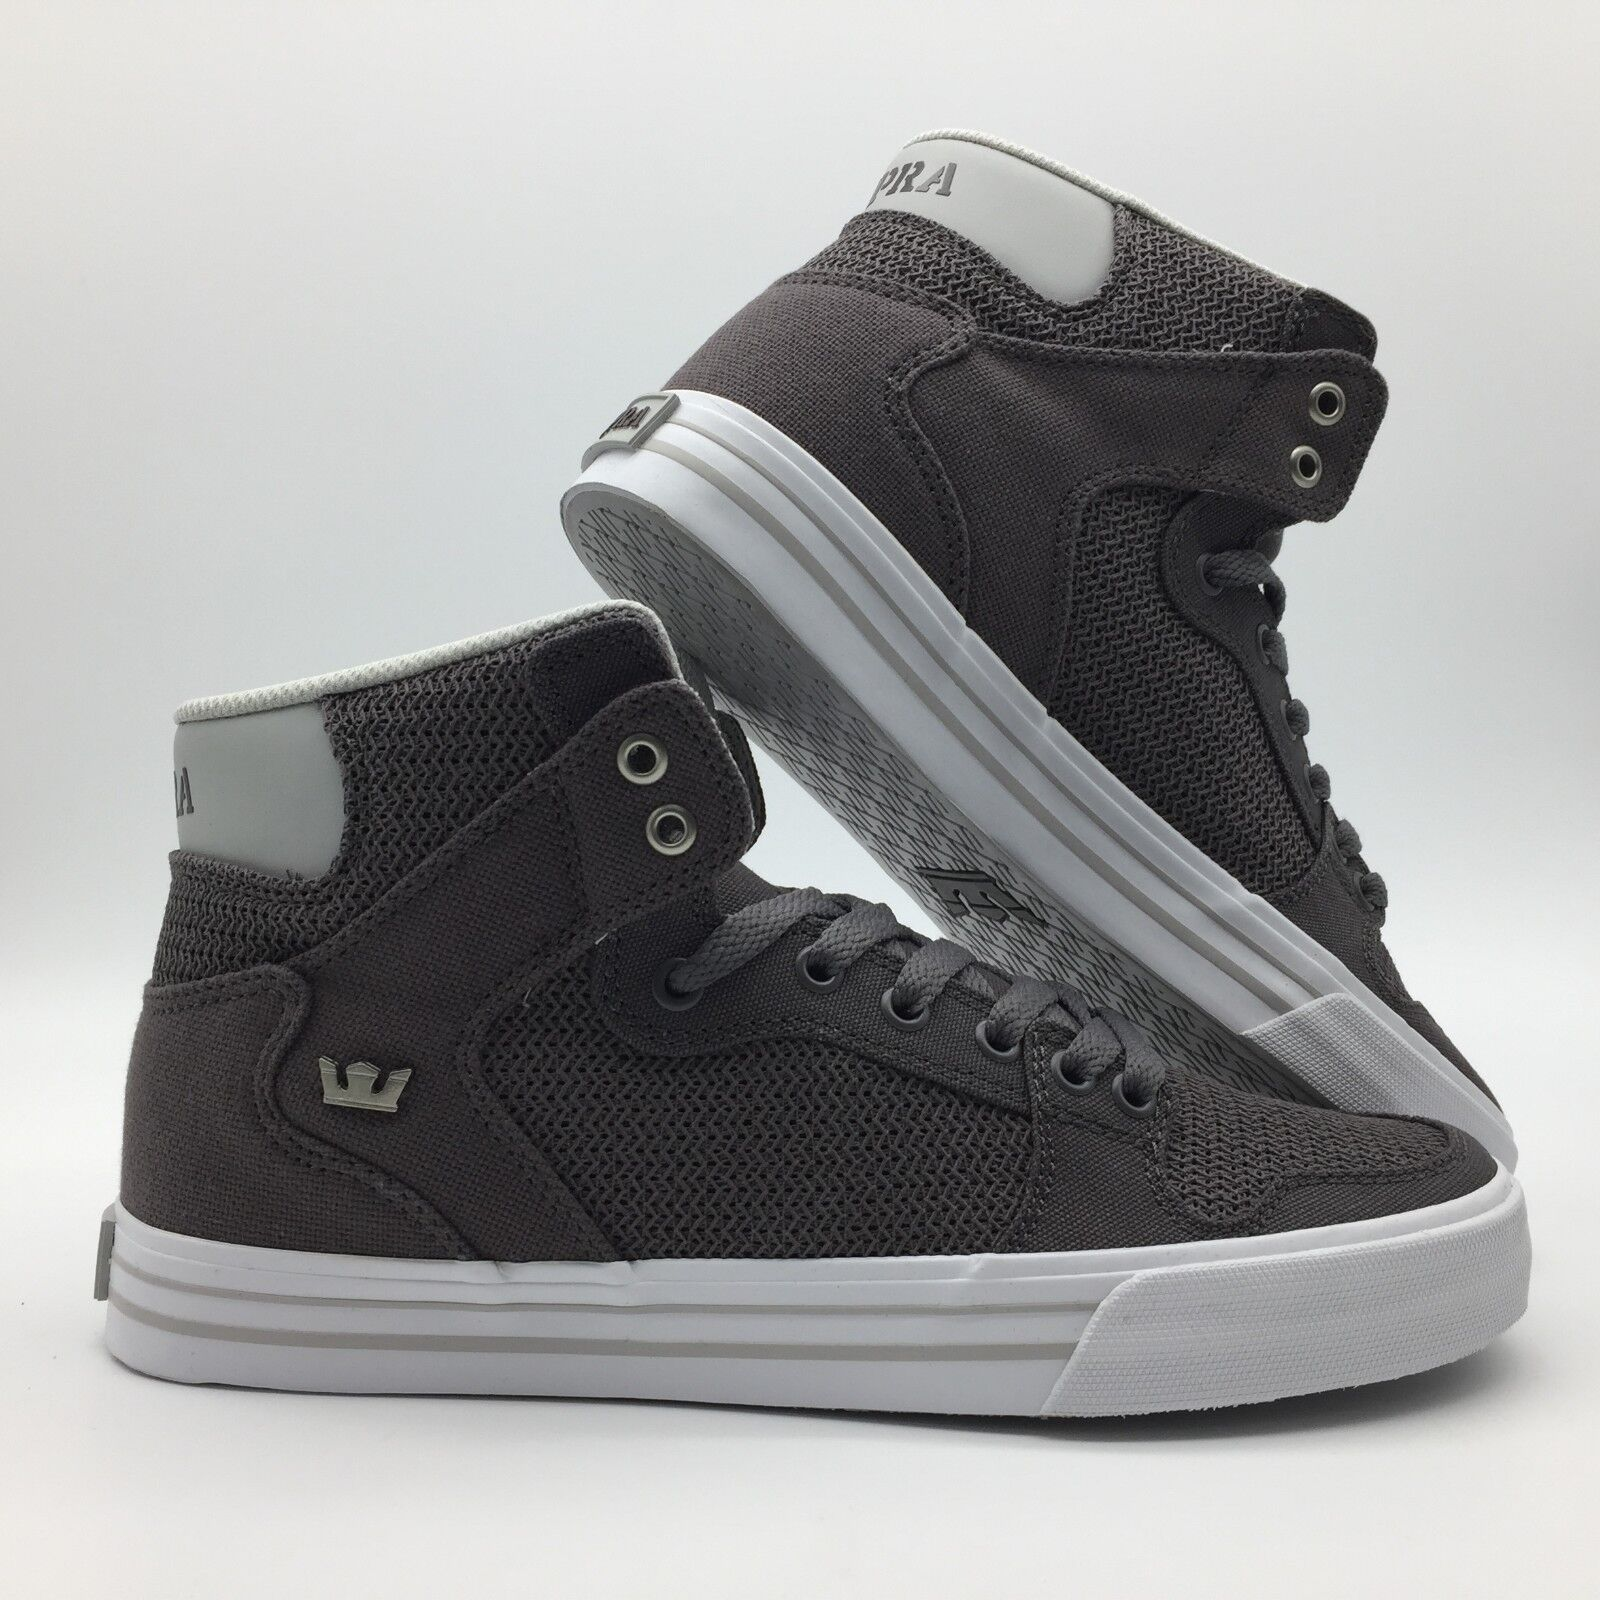 Zapatos para Hombre Supra Vaider blancoooo Carbón Vegetal ()